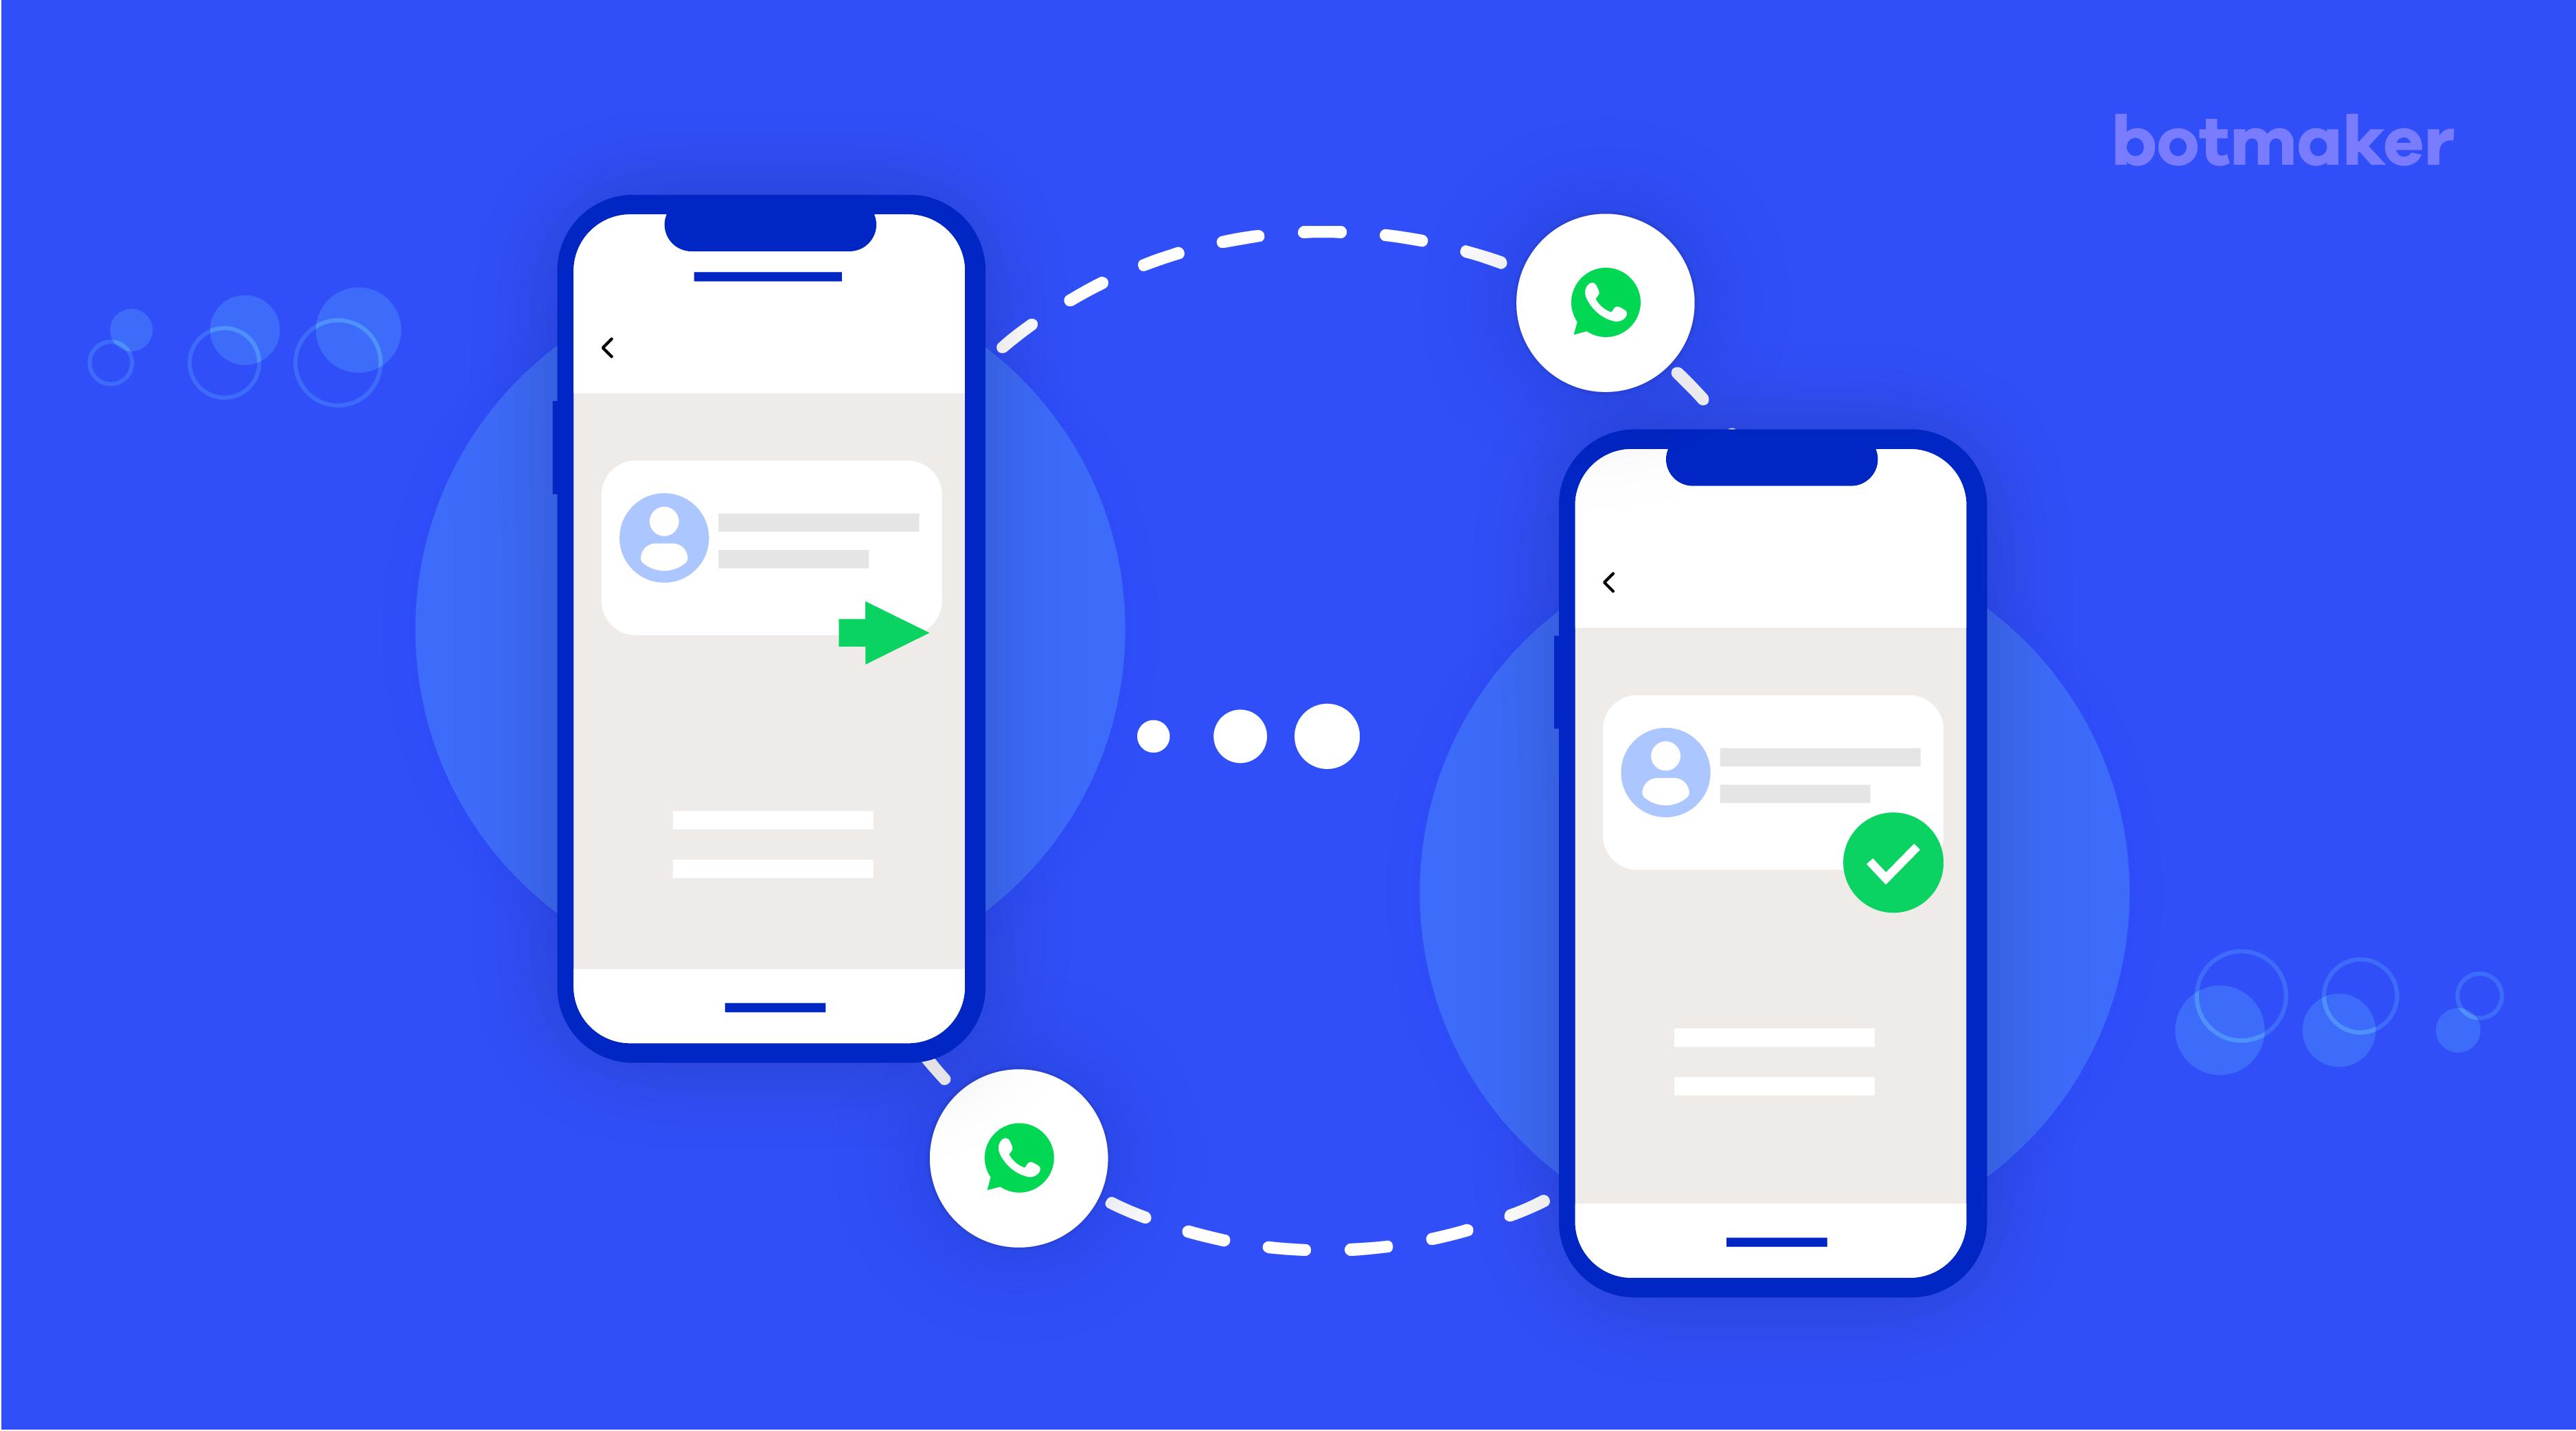 ¿Cómo funciona la portabilidad en WhatsApp?